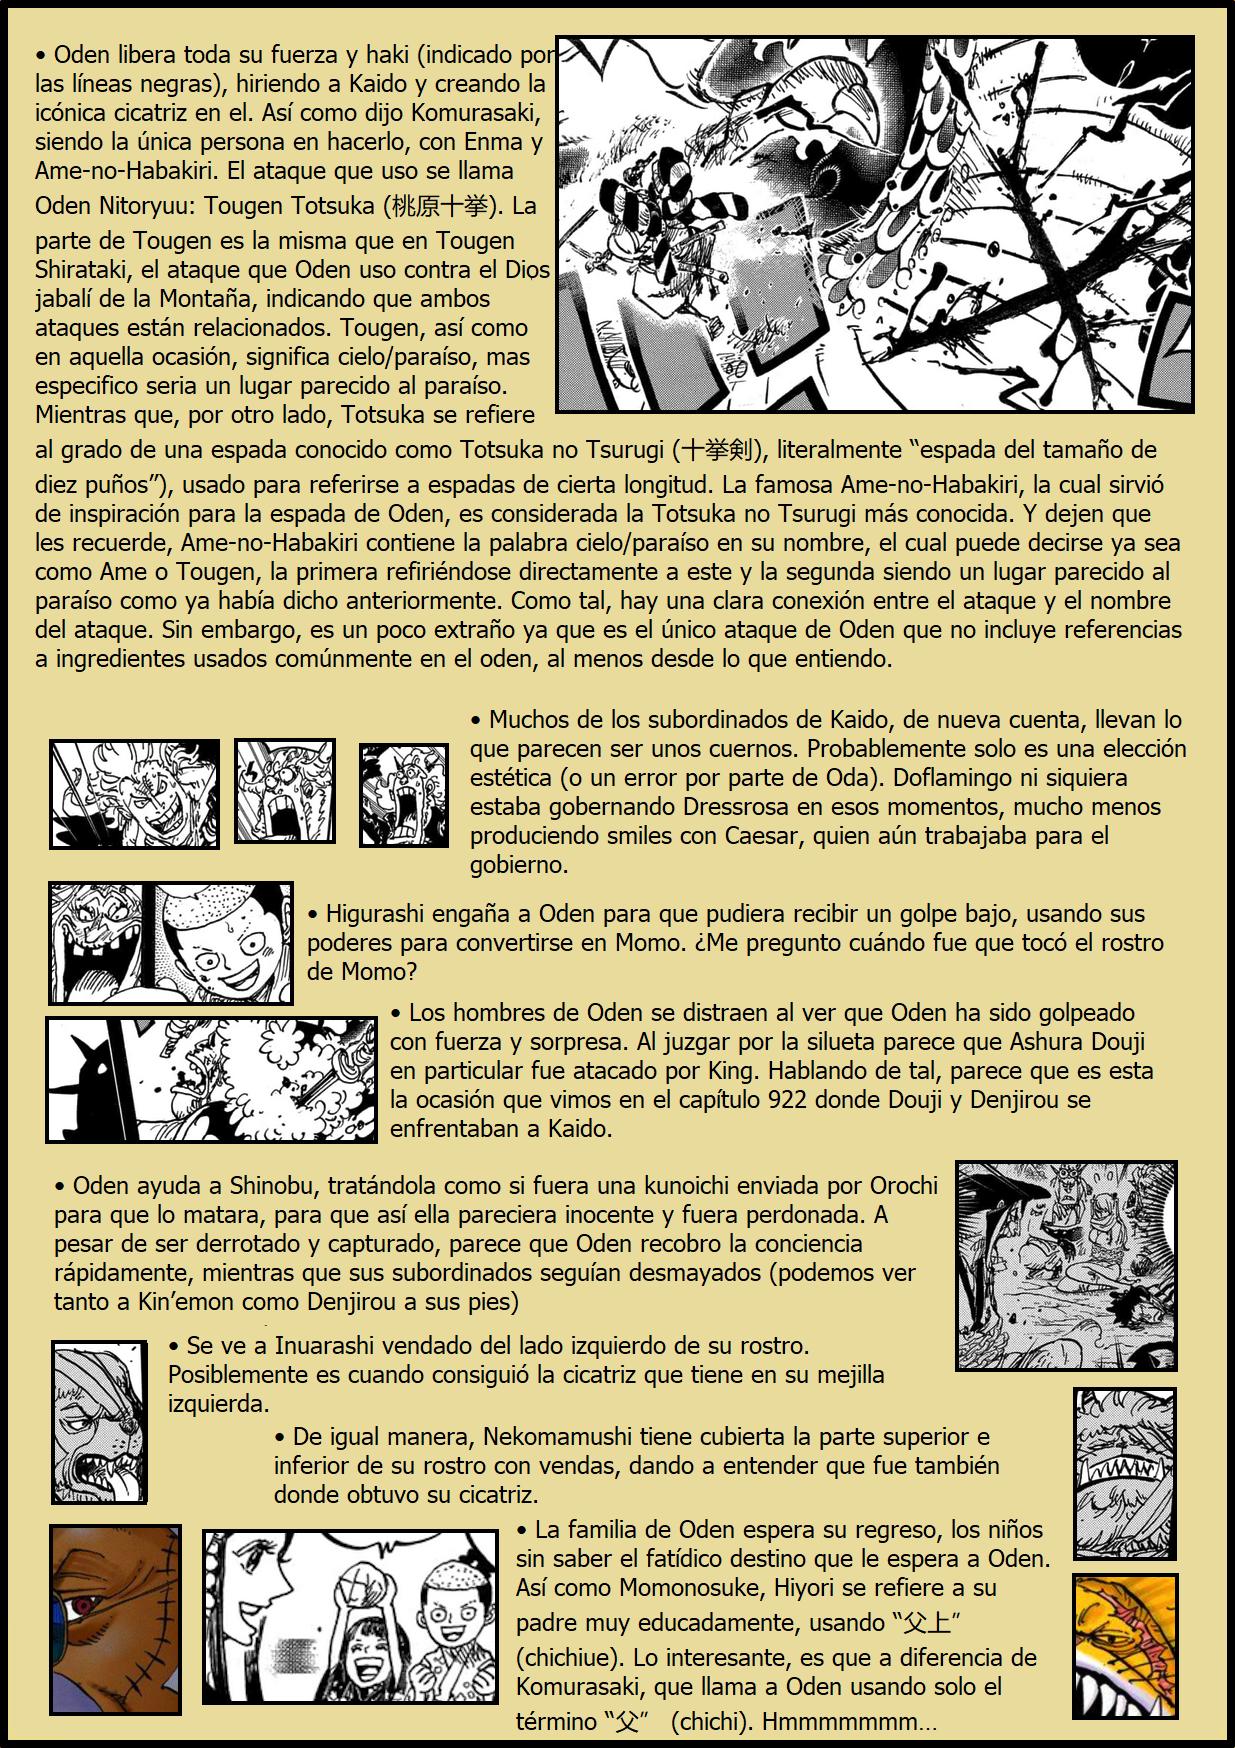 Secretos & Curiosidades - One Piece Manga 970 05